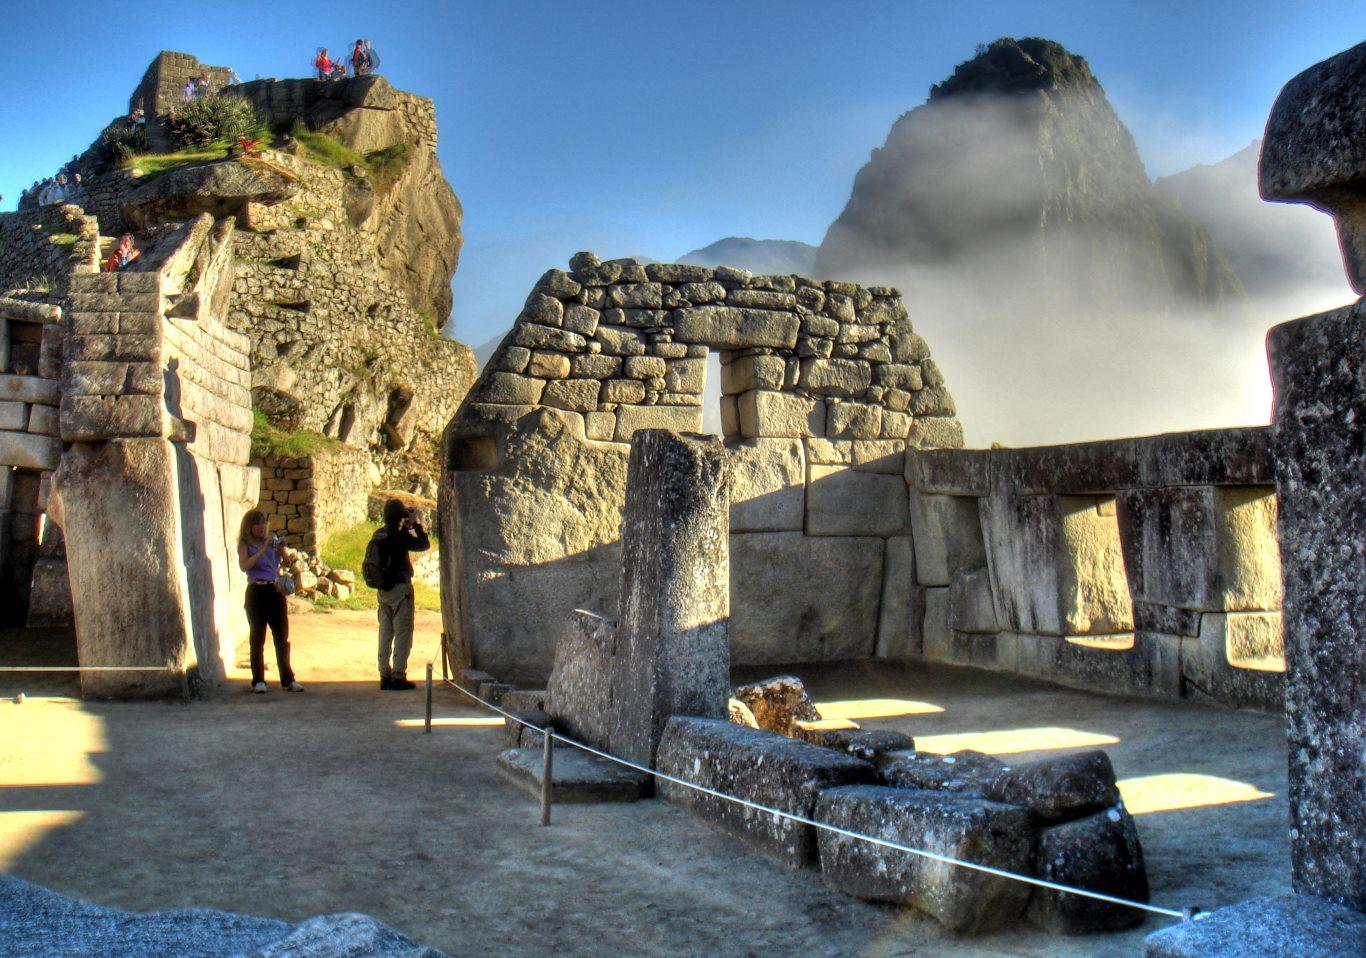 Inside Machu Picchu as the sun rises